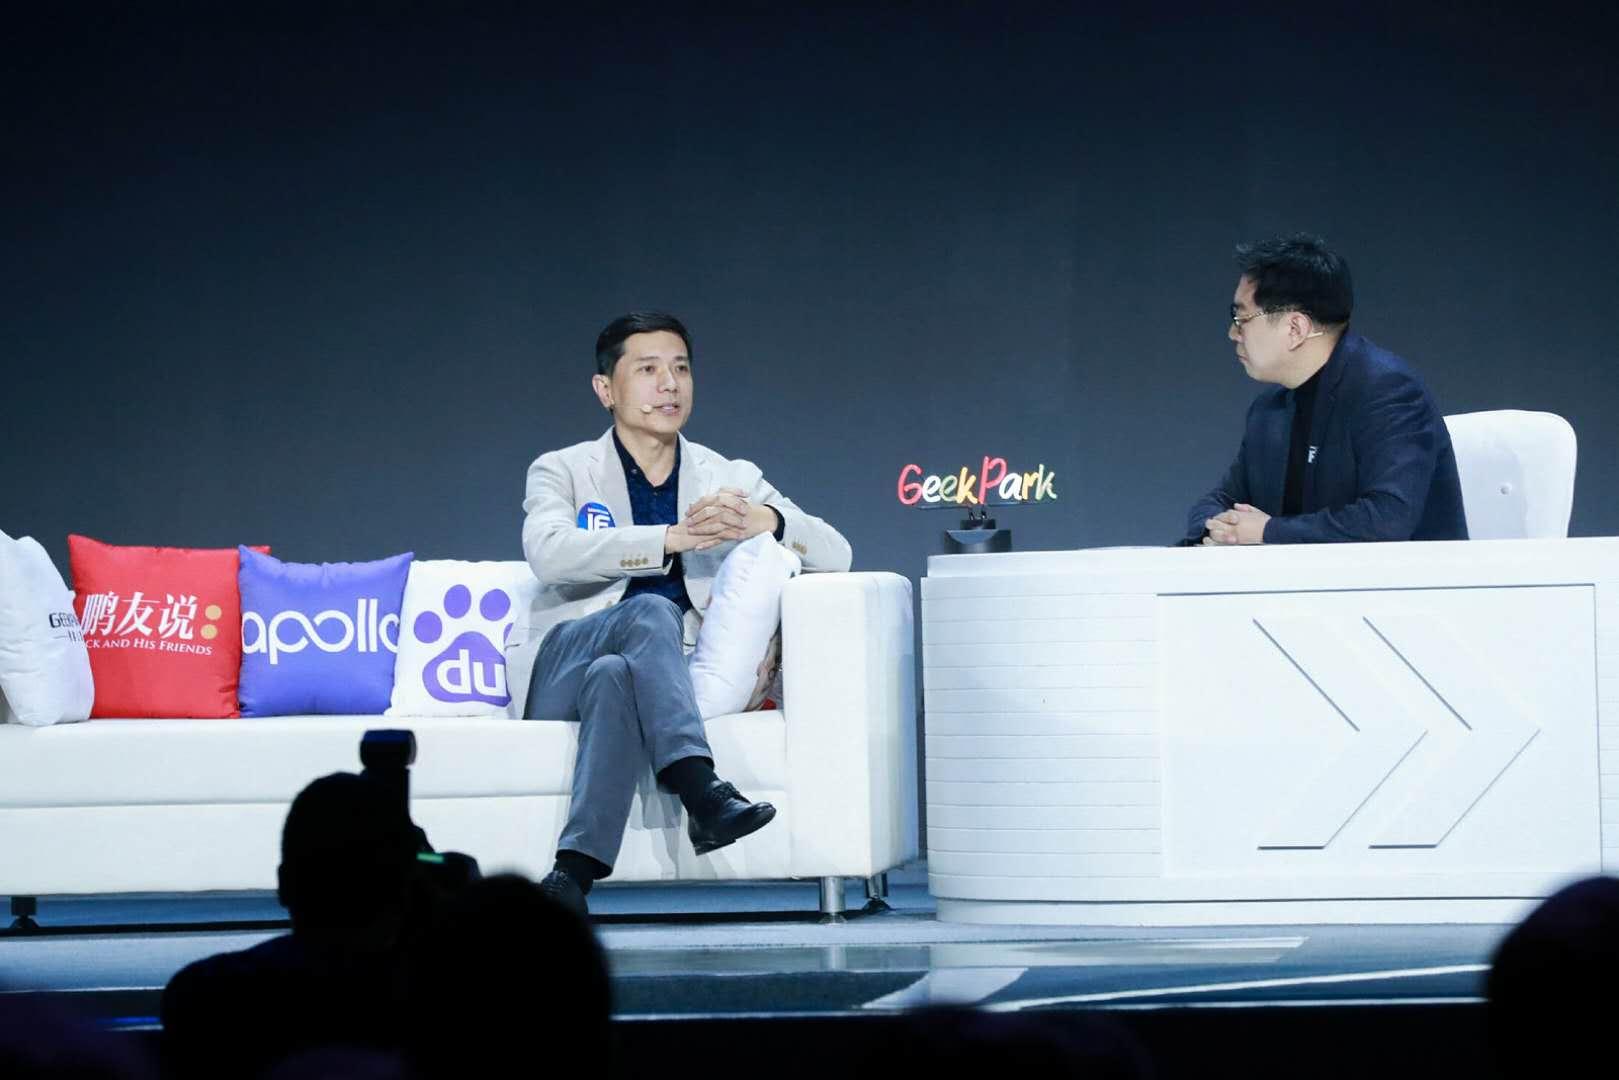 李彦宏谈陆奇:他工作时间比我还长 人也很正